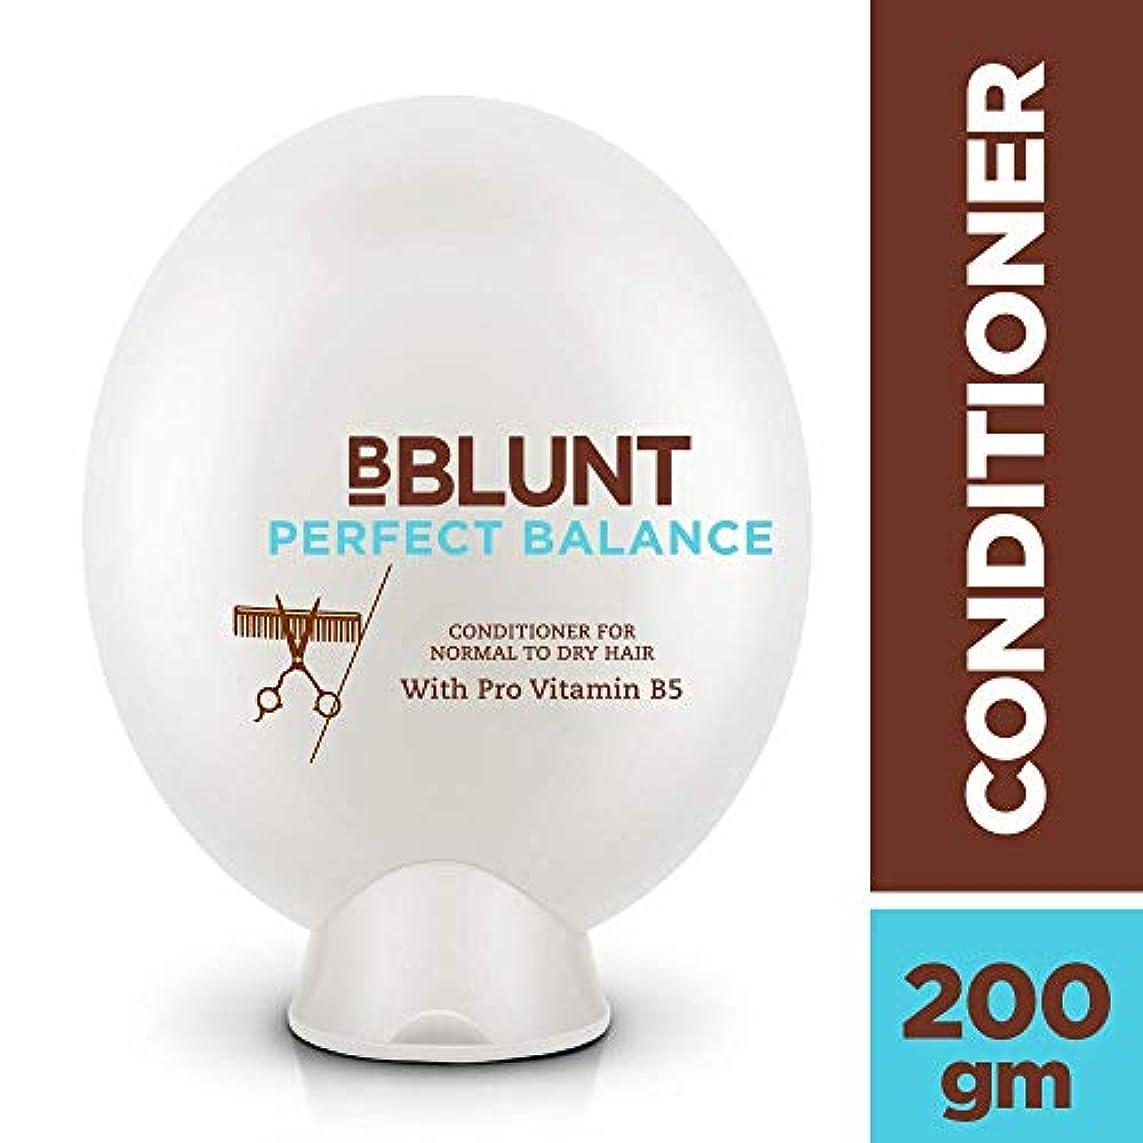 弁護士触手ゾーンBBLUNT Perfect Balance Conditioner for Normal To Dry Hair, 200g (Provitamin B5)